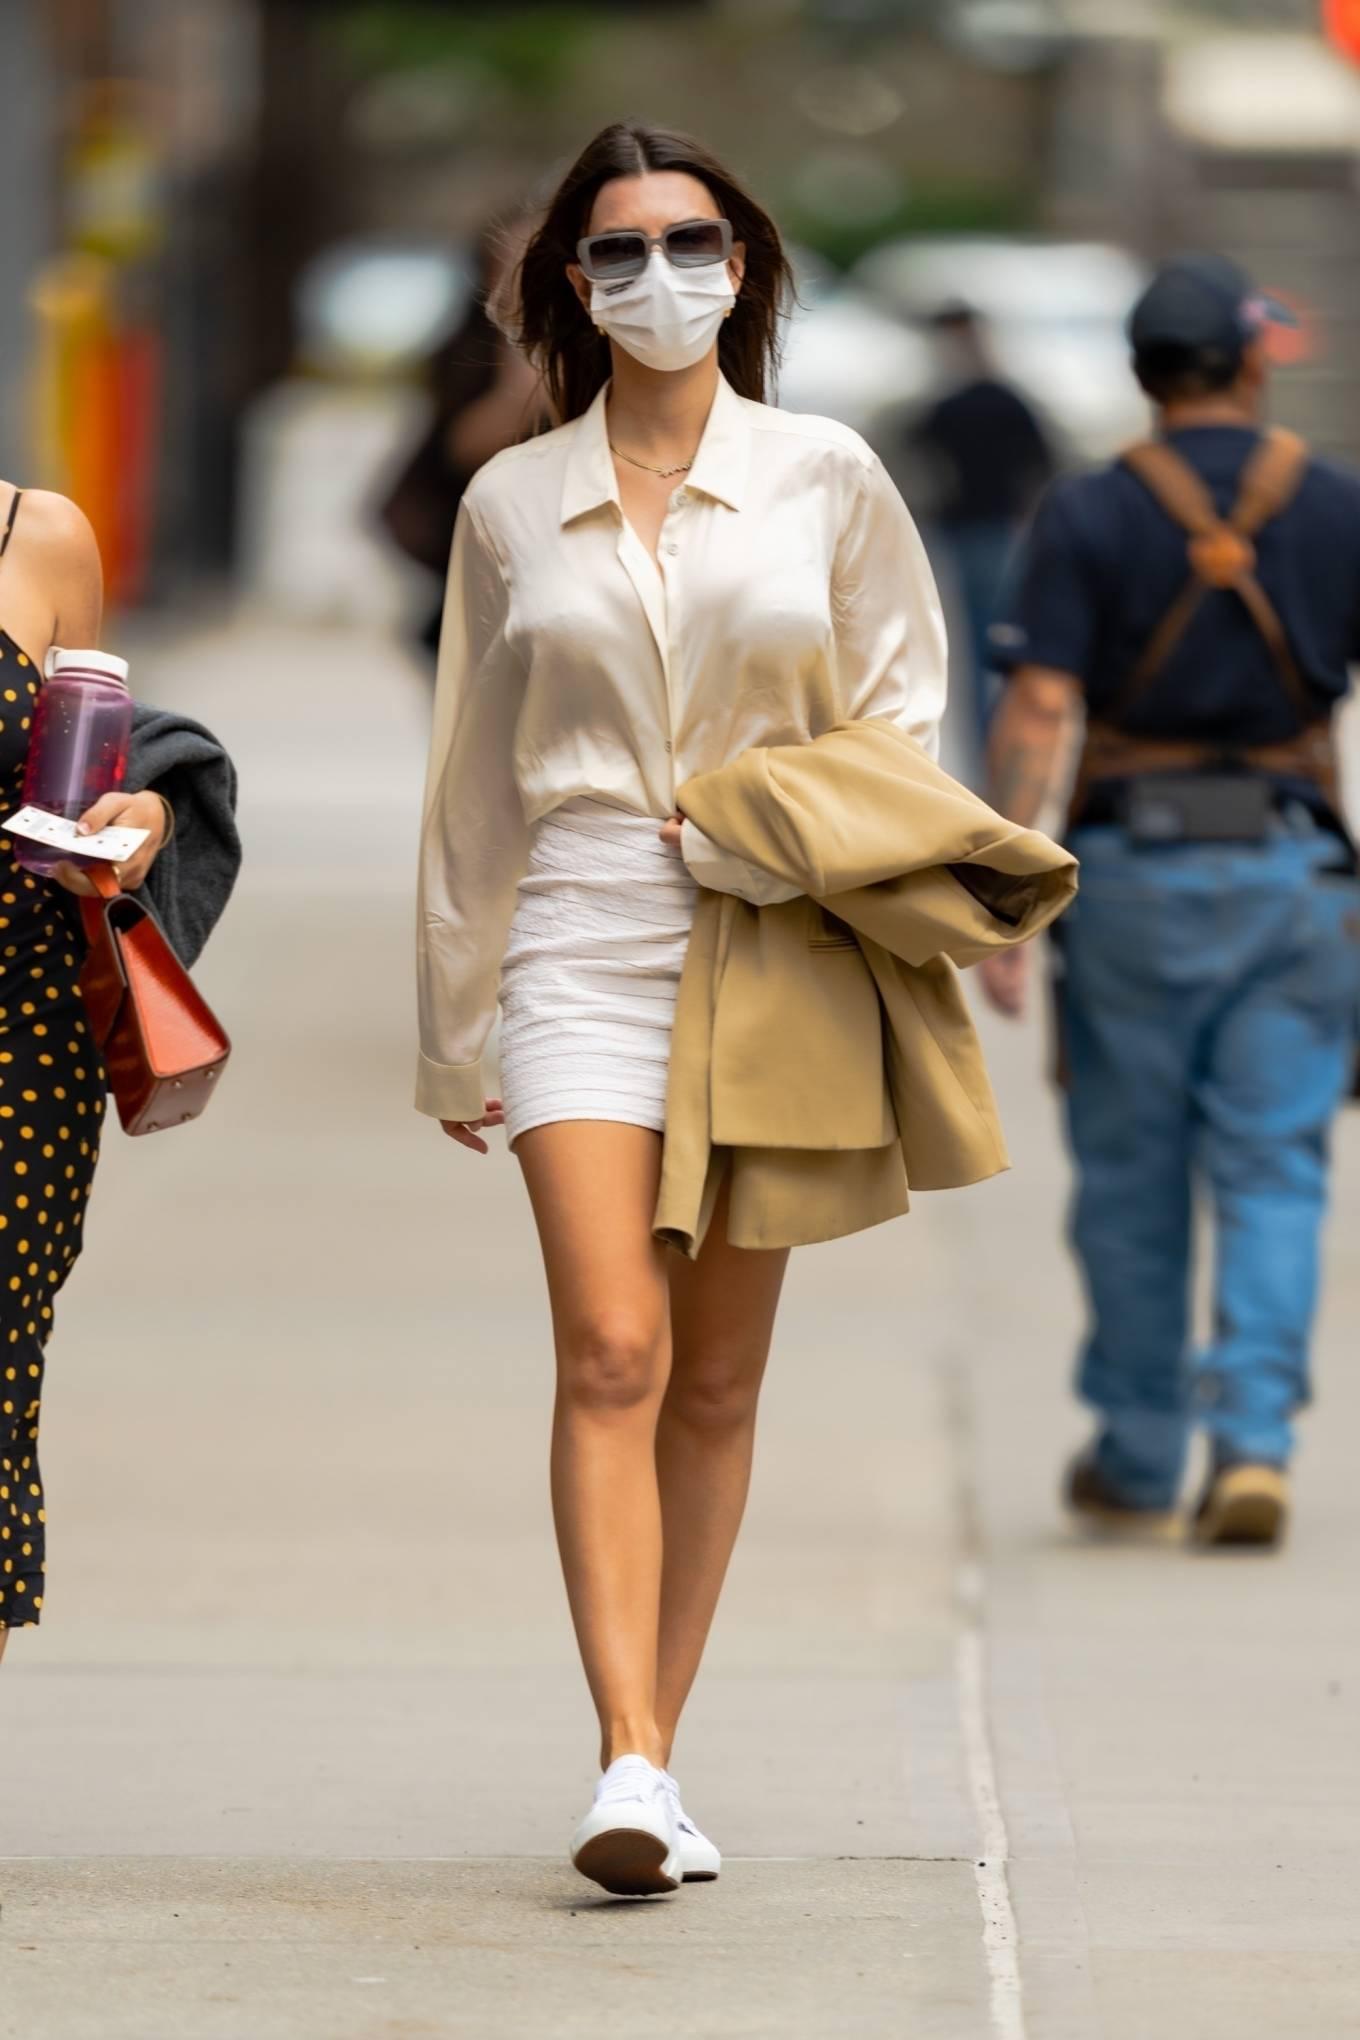 Emily Ratajkowski 2021 : Emily Ratajkowski – In white mini skirt out for a walk in New York-02